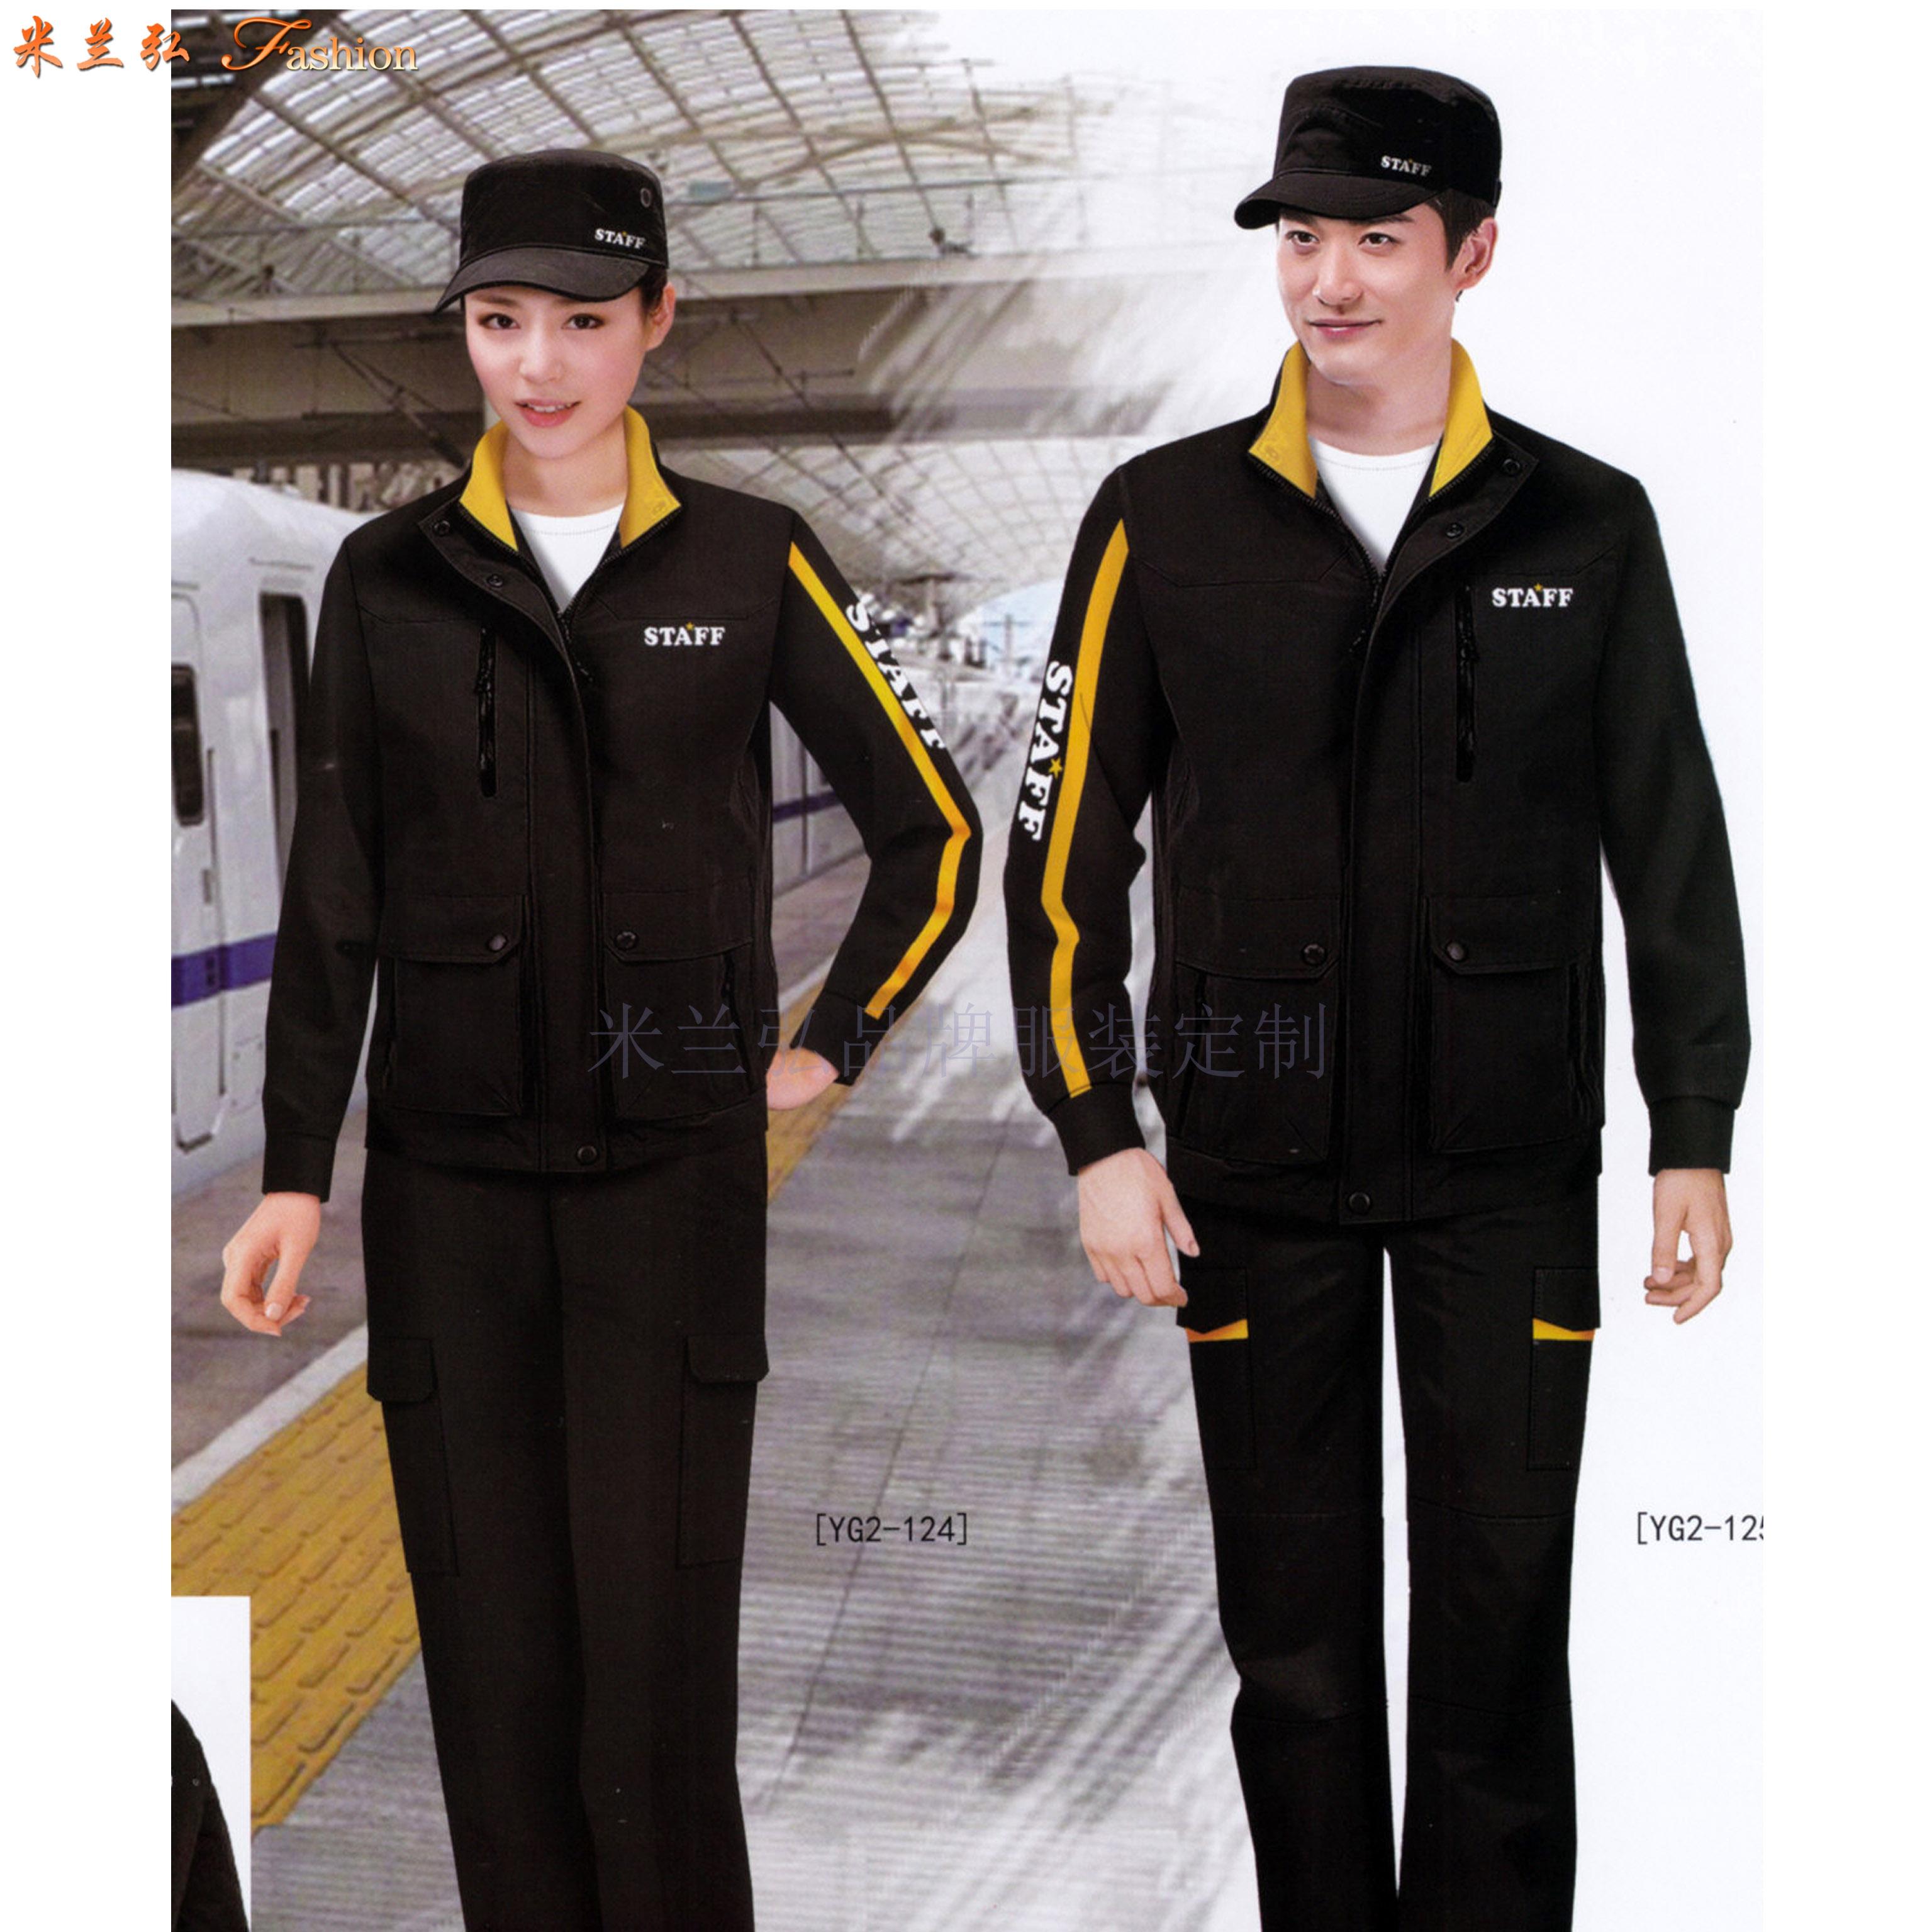 攀枝花工作服定做-物美價廉工作服訂作-米蘭弘服裝-1